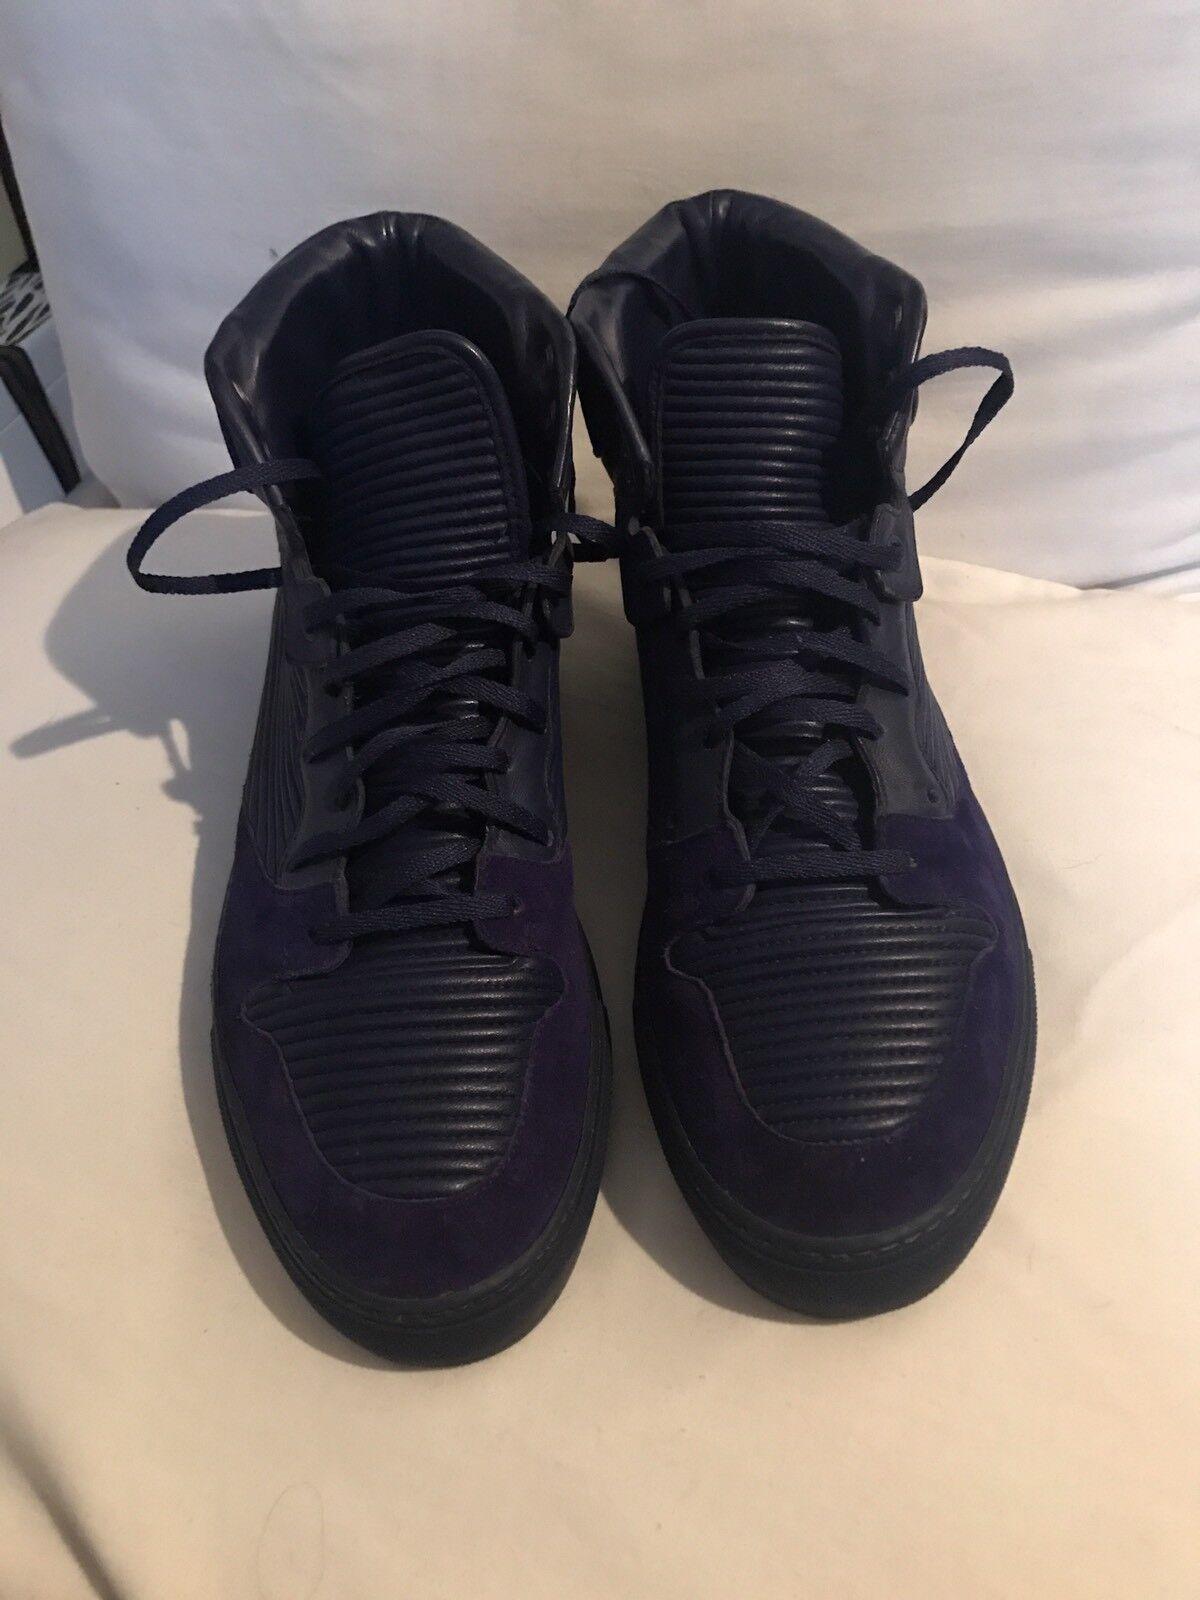 Scarpe casual da uomo  Balenciaga Monochrome Size 41 Blue Calfskin Leather Sneakers 100%AUTHENTIC